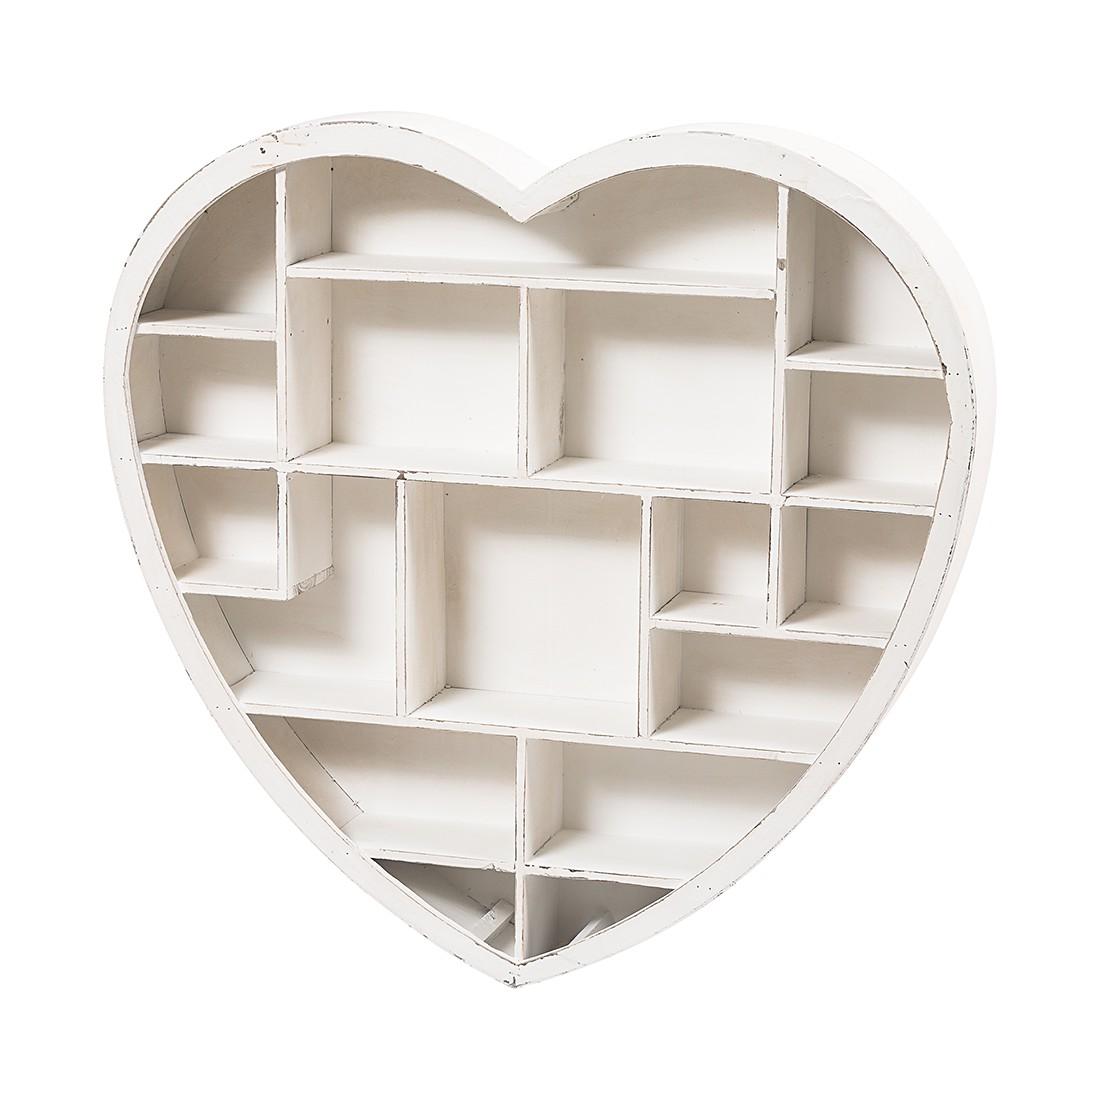 wandregale aus holz g nstig kaufen. Black Bedroom Furniture Sets. Home Design Ideas